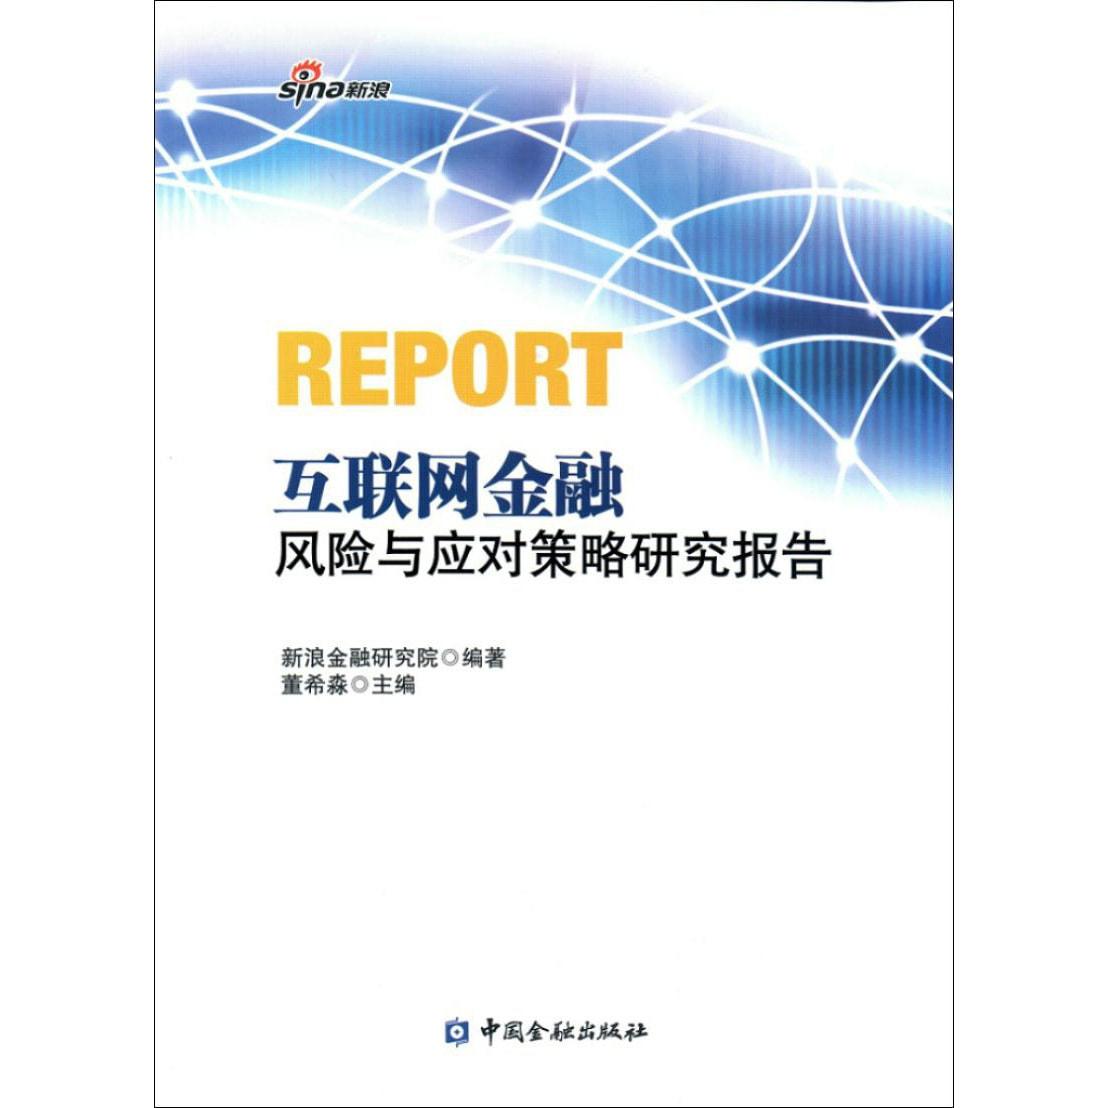 互联网金融风险与应对策略研究报告 怎么样 - 亚米网